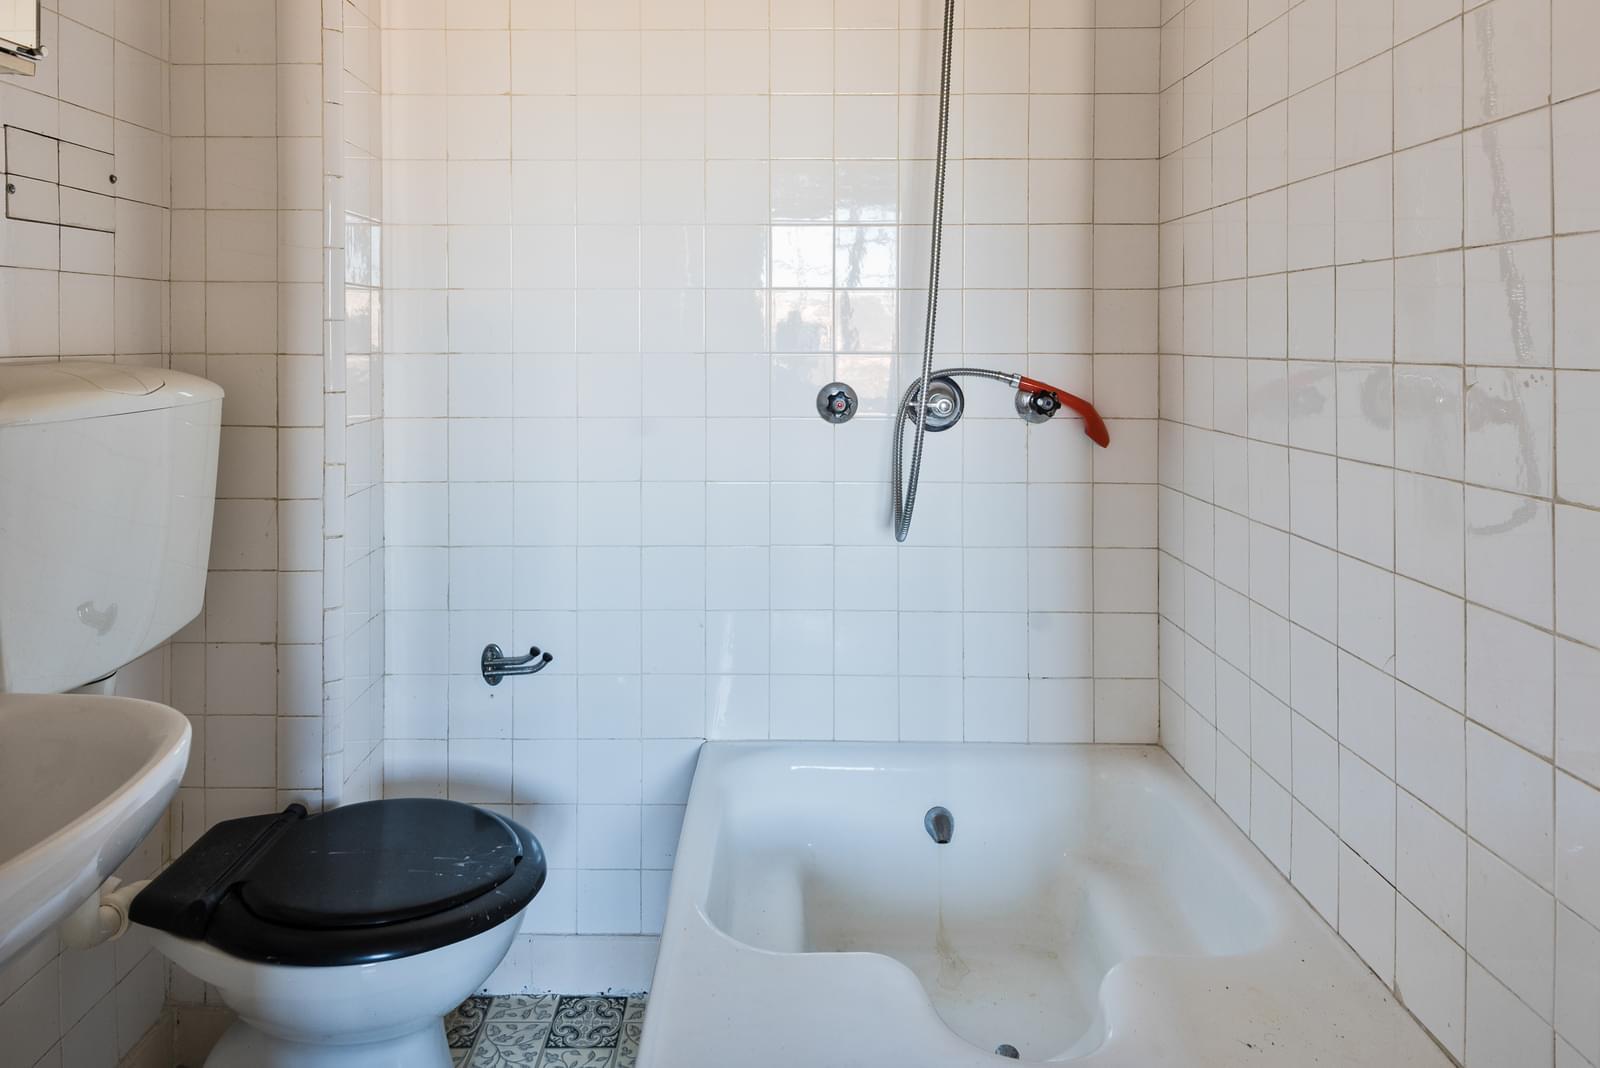 pf18965-apartamento-t2-1-cascais-3b1c5564-3157-4a2e-a571-6388a64393df